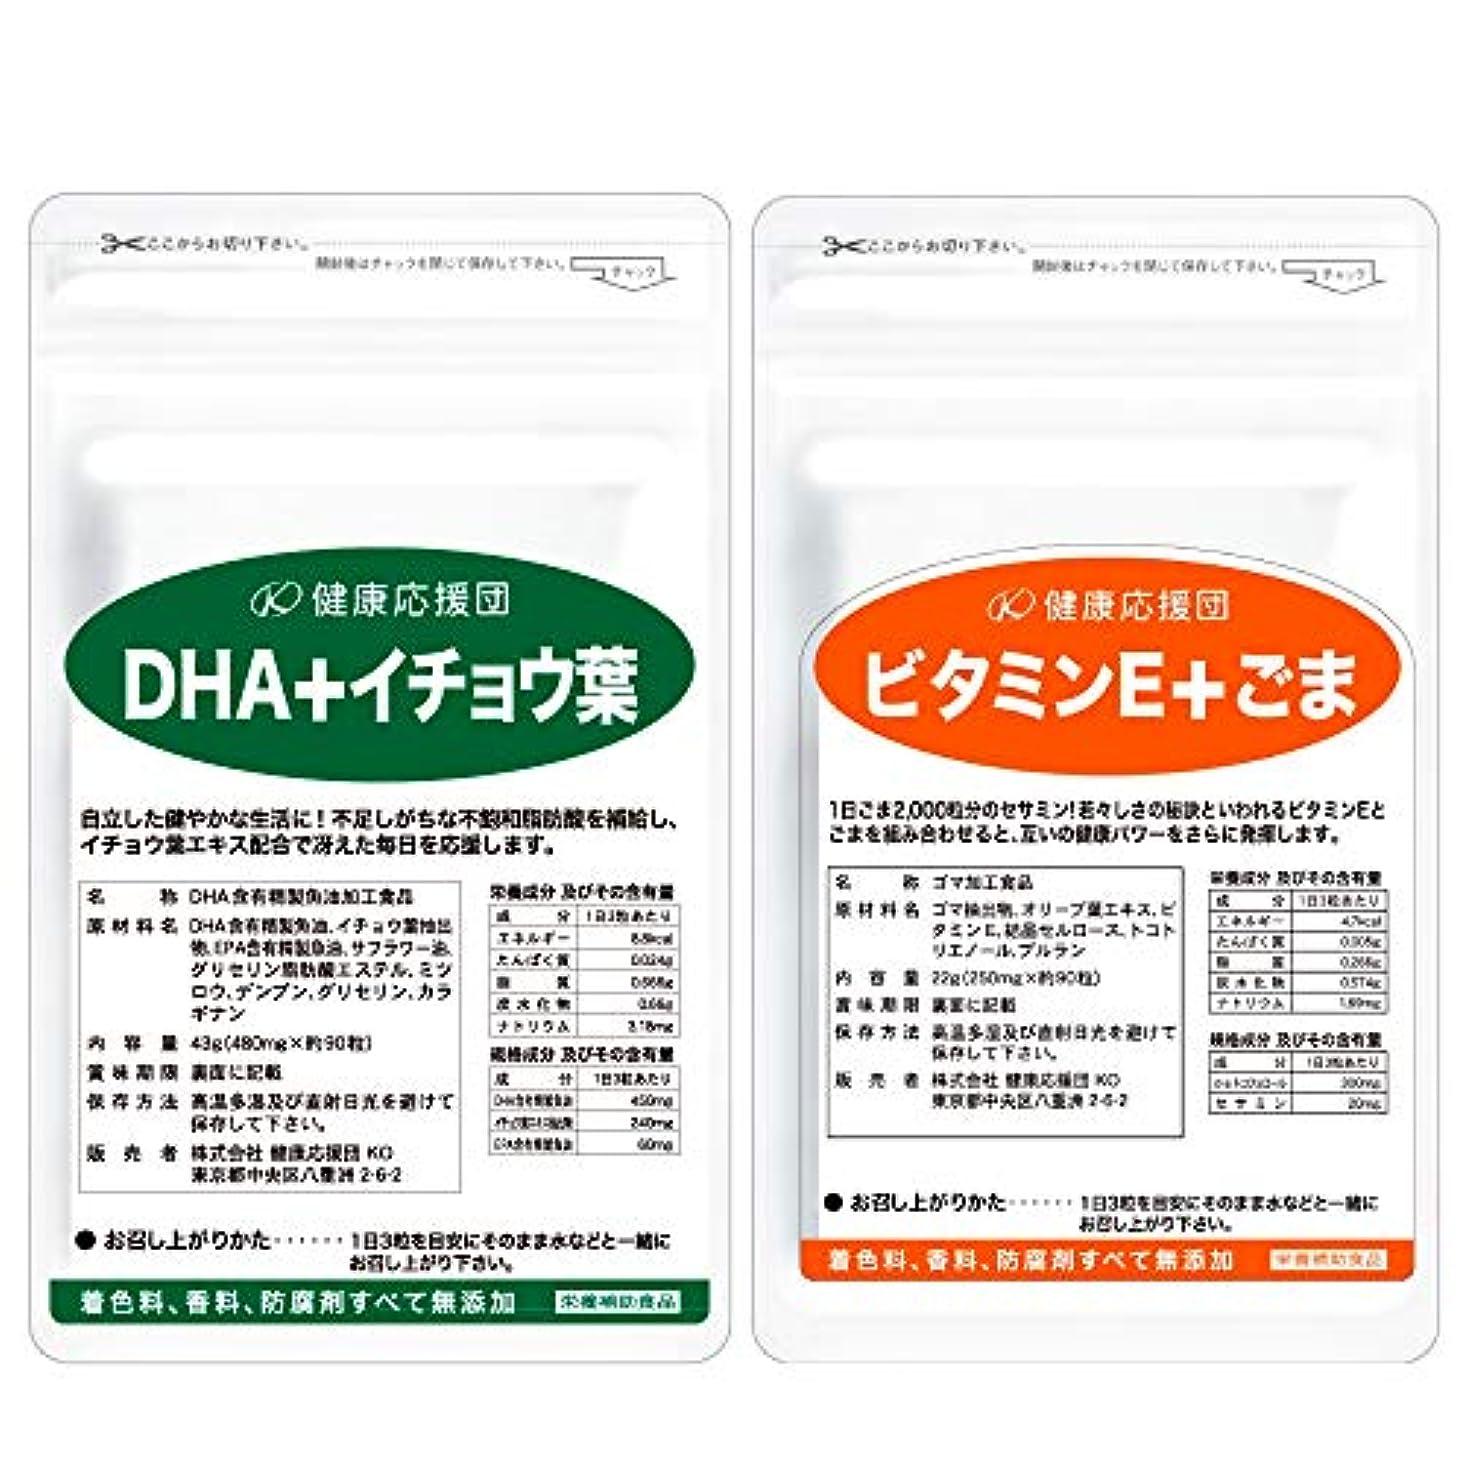 しみ読者キー(お徳用3か月分)毎日元気セット(ビタミンE+ごま)+(DHA+イチョウ葉エキス) 3袋&3袋セット(DHA?EPA?ビタミンE?セサミン)